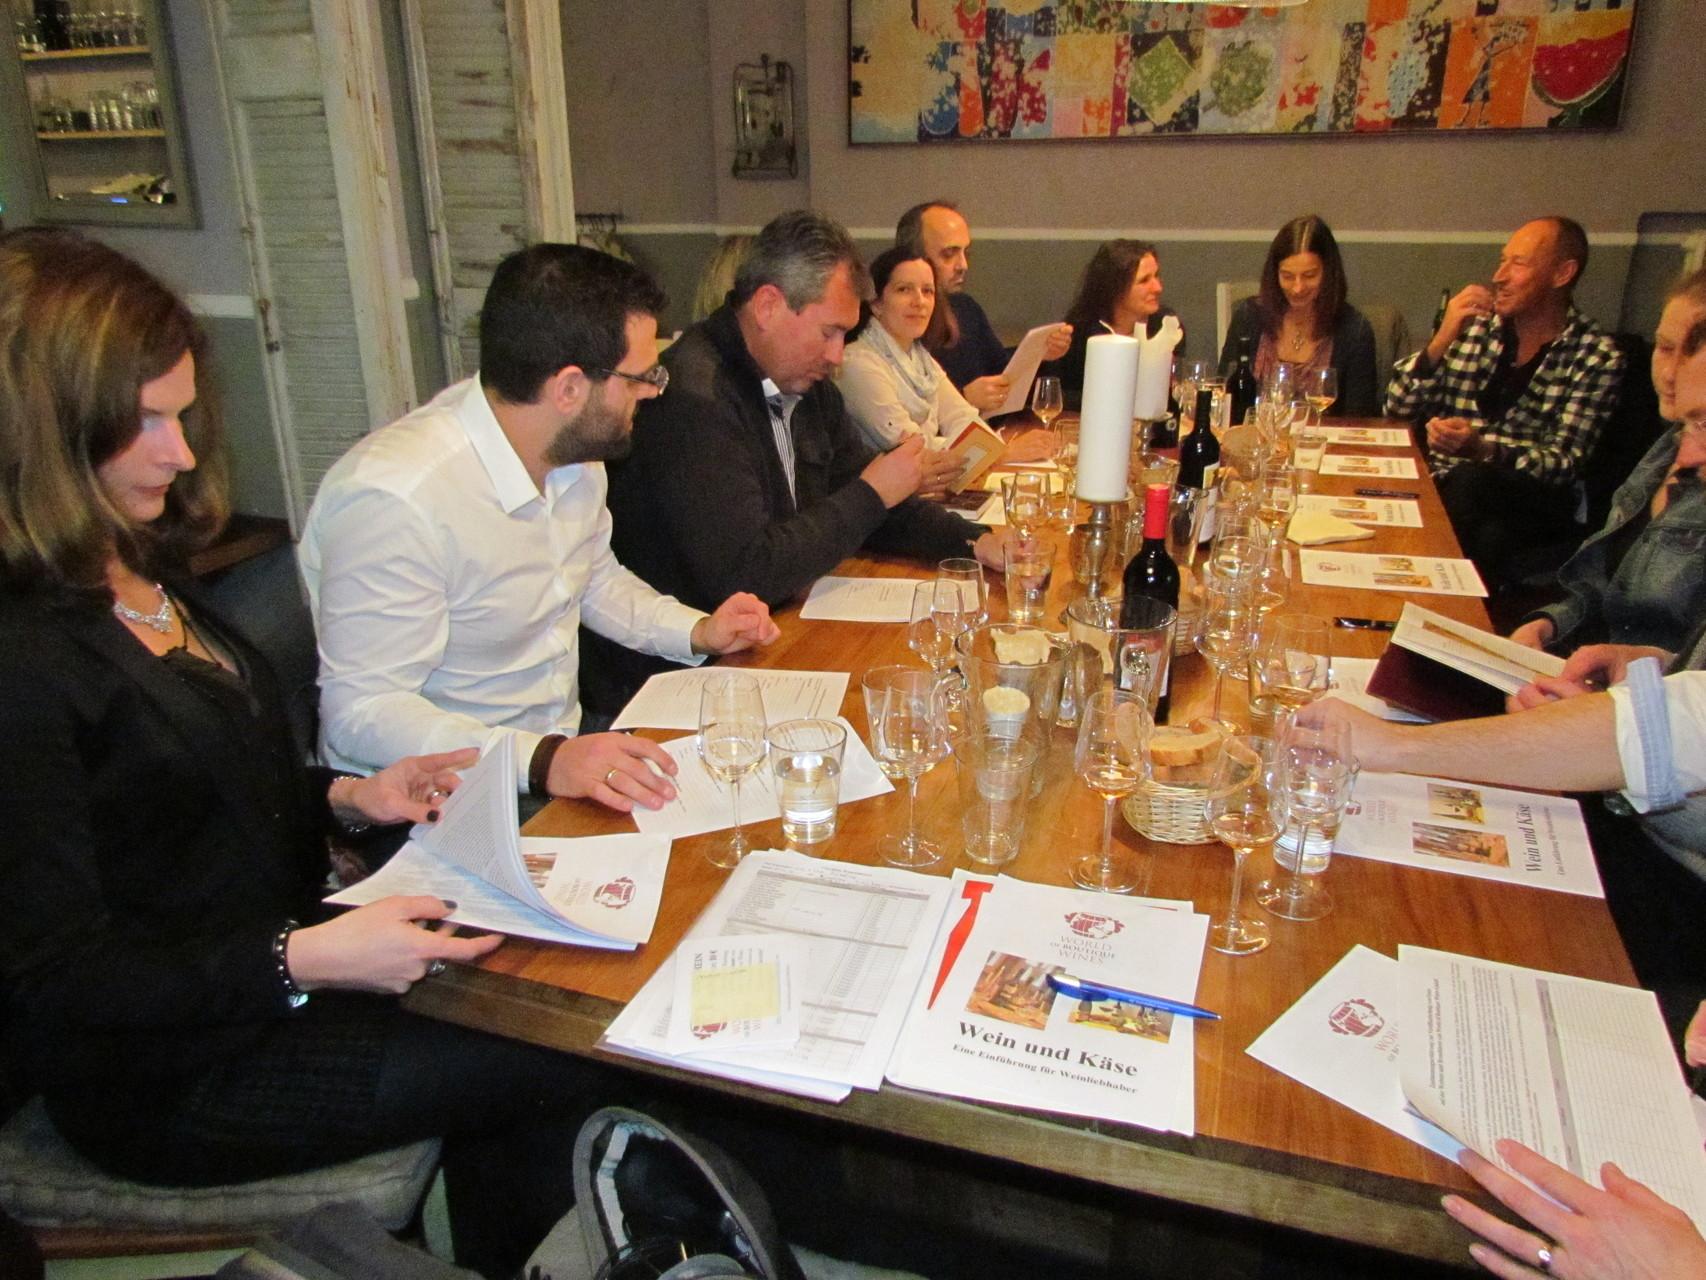 Wein und Käse Seminar Düsseldorf 23 01 2016